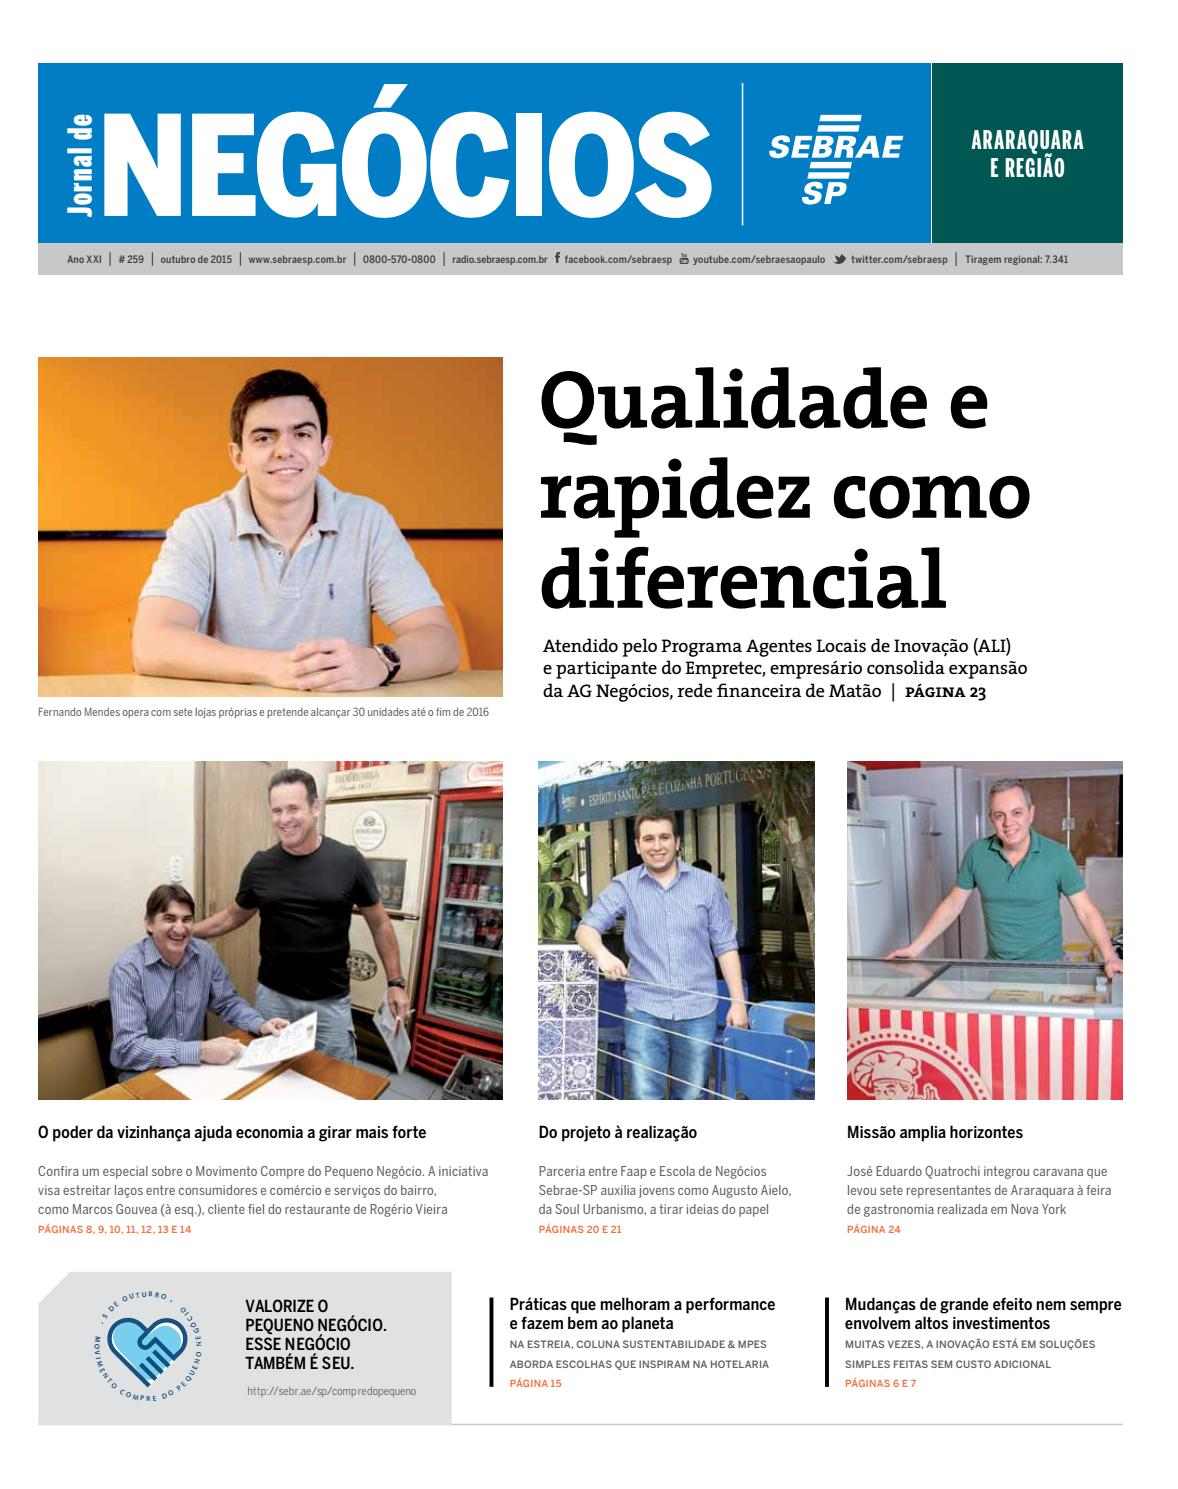 d33199e45e4 Jornal de Negócios Sebrae-SP - 01 de outubro de 2015 - Araraquara by Sebrae-SP  - issuu